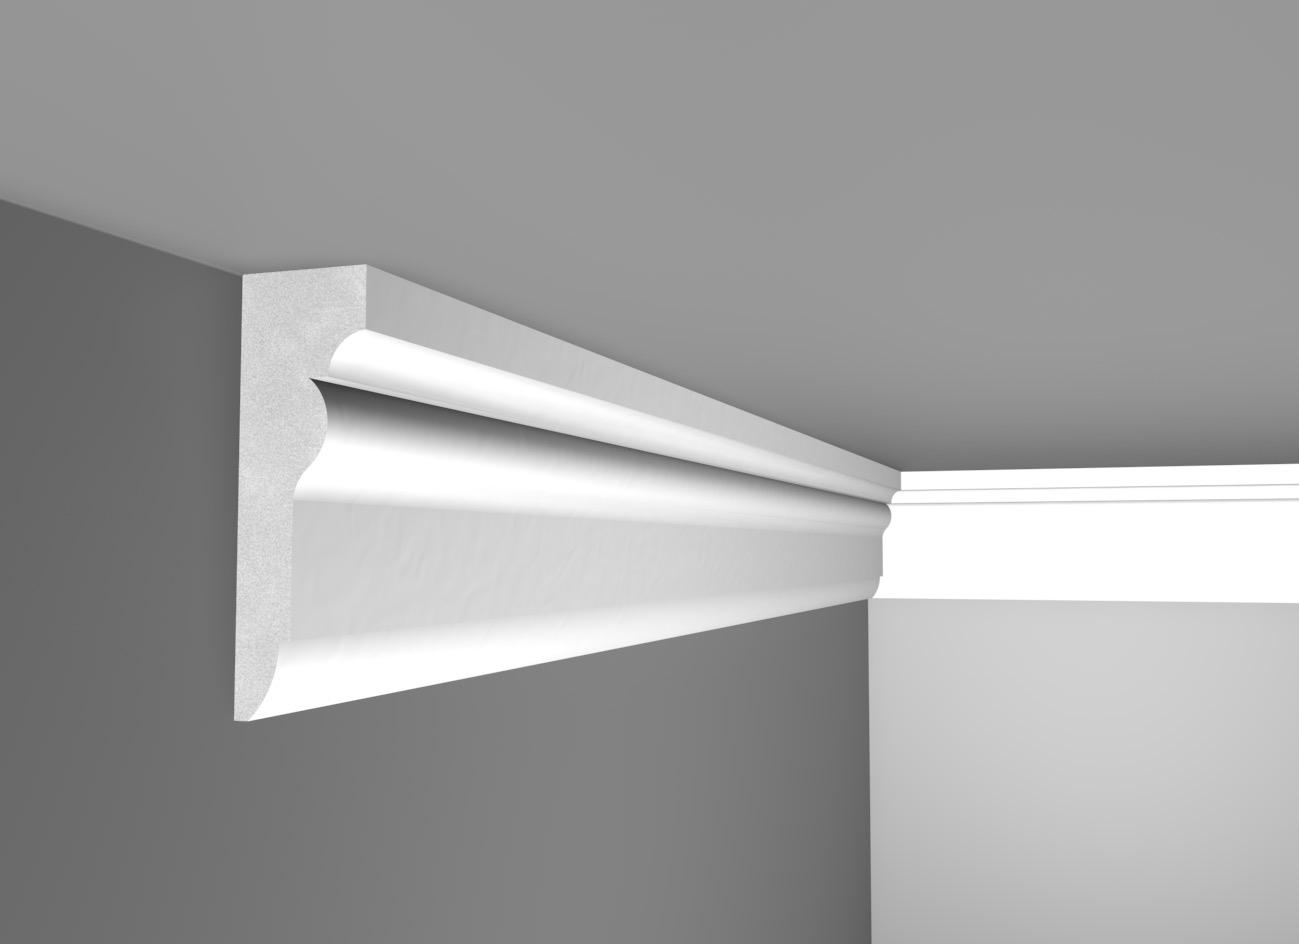 E 14 - Cornice in polistirene gessato bianco - Decorget - Ital Decori - Image 0